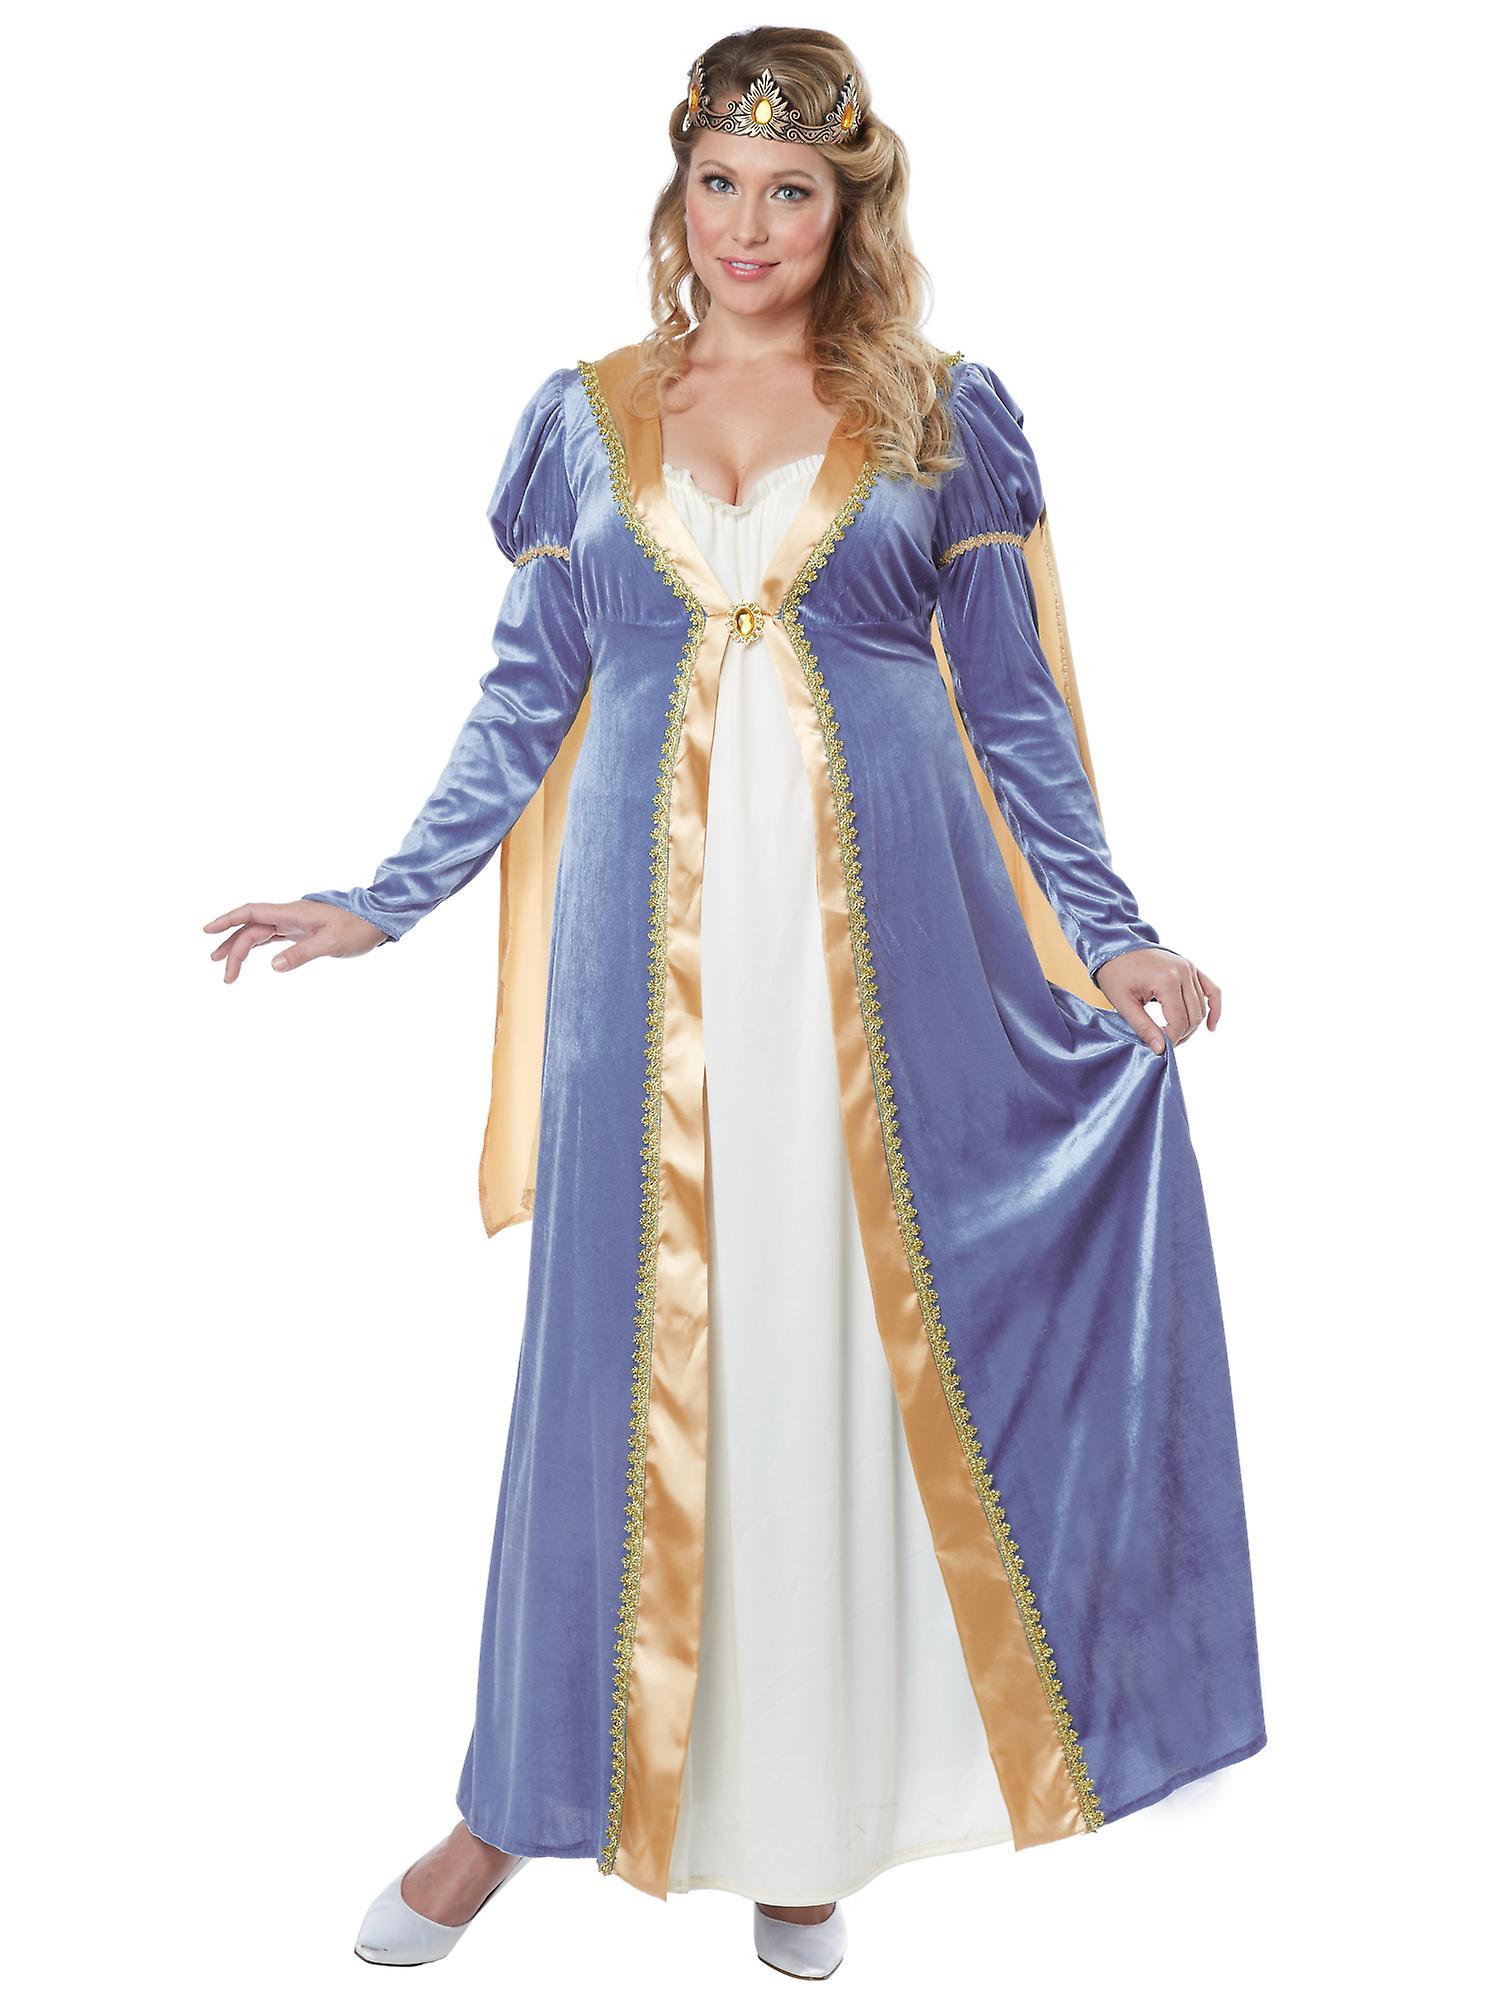 6b3ae8ae373b17 Elegante Kaiserin Renaissance mittelalterliche Königin Prinzessin Damen  Kostüm Plus